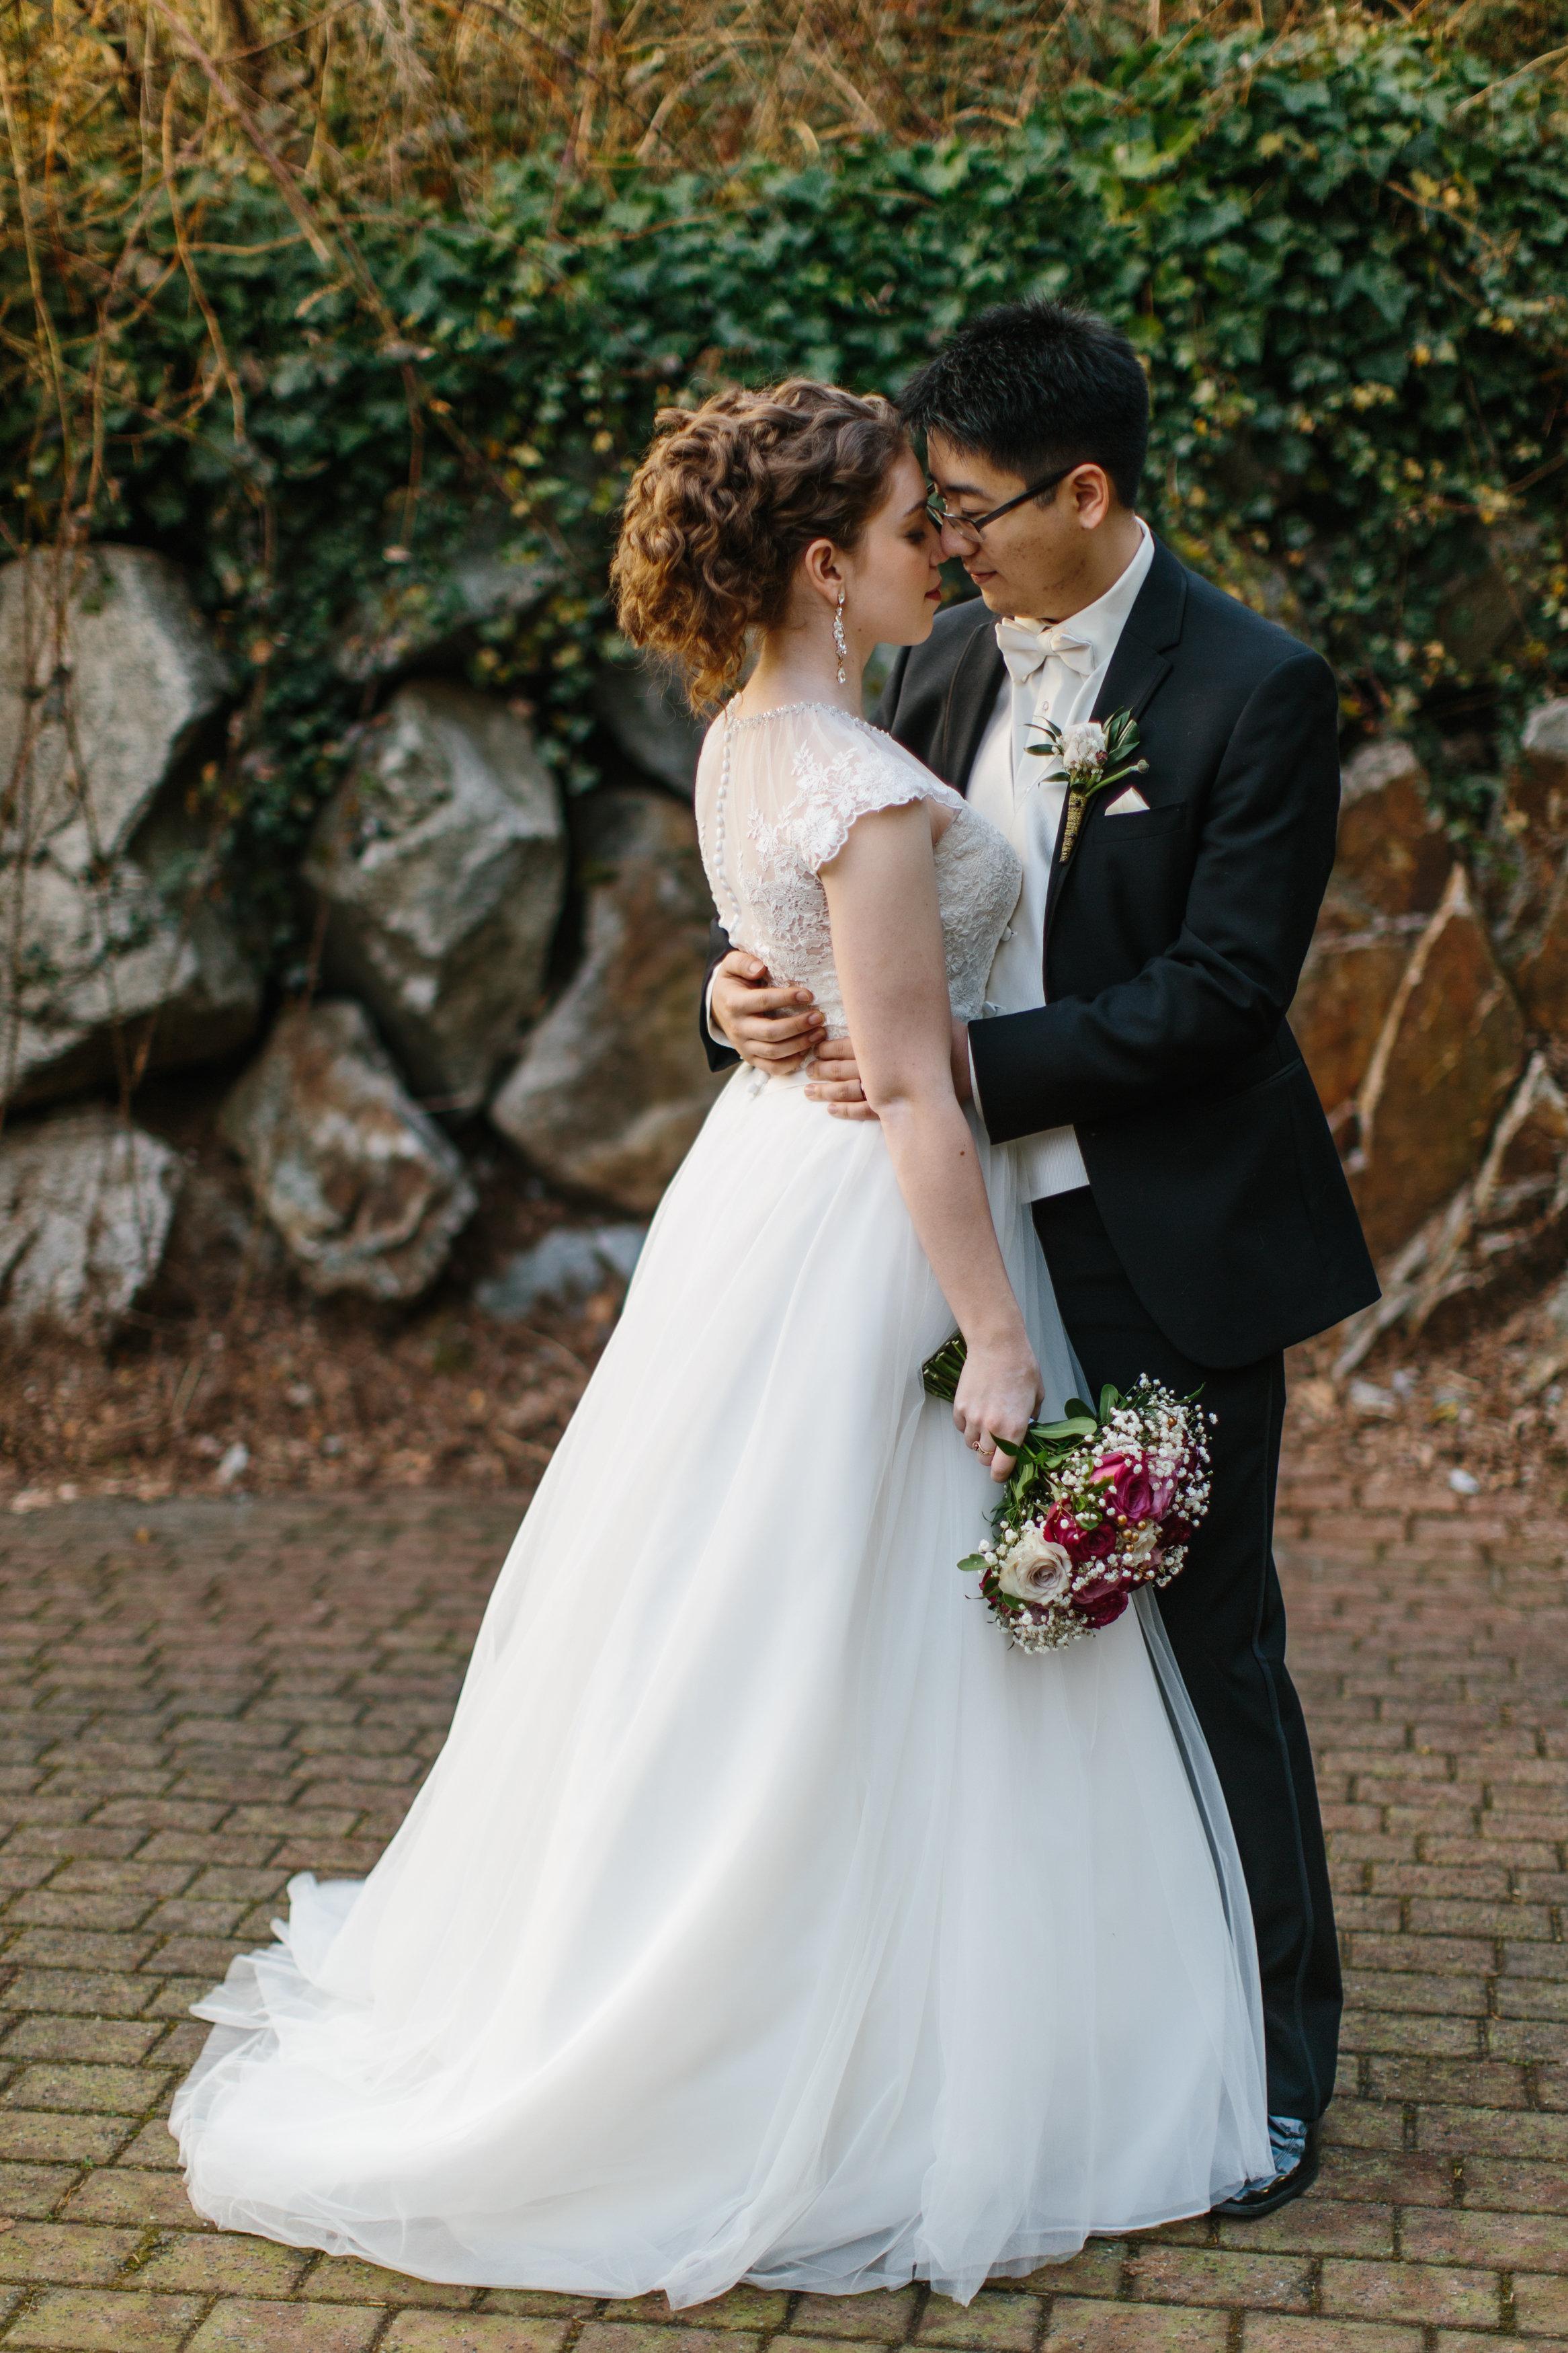 Tim Rachel-Wedding Highlights-0162.jpg